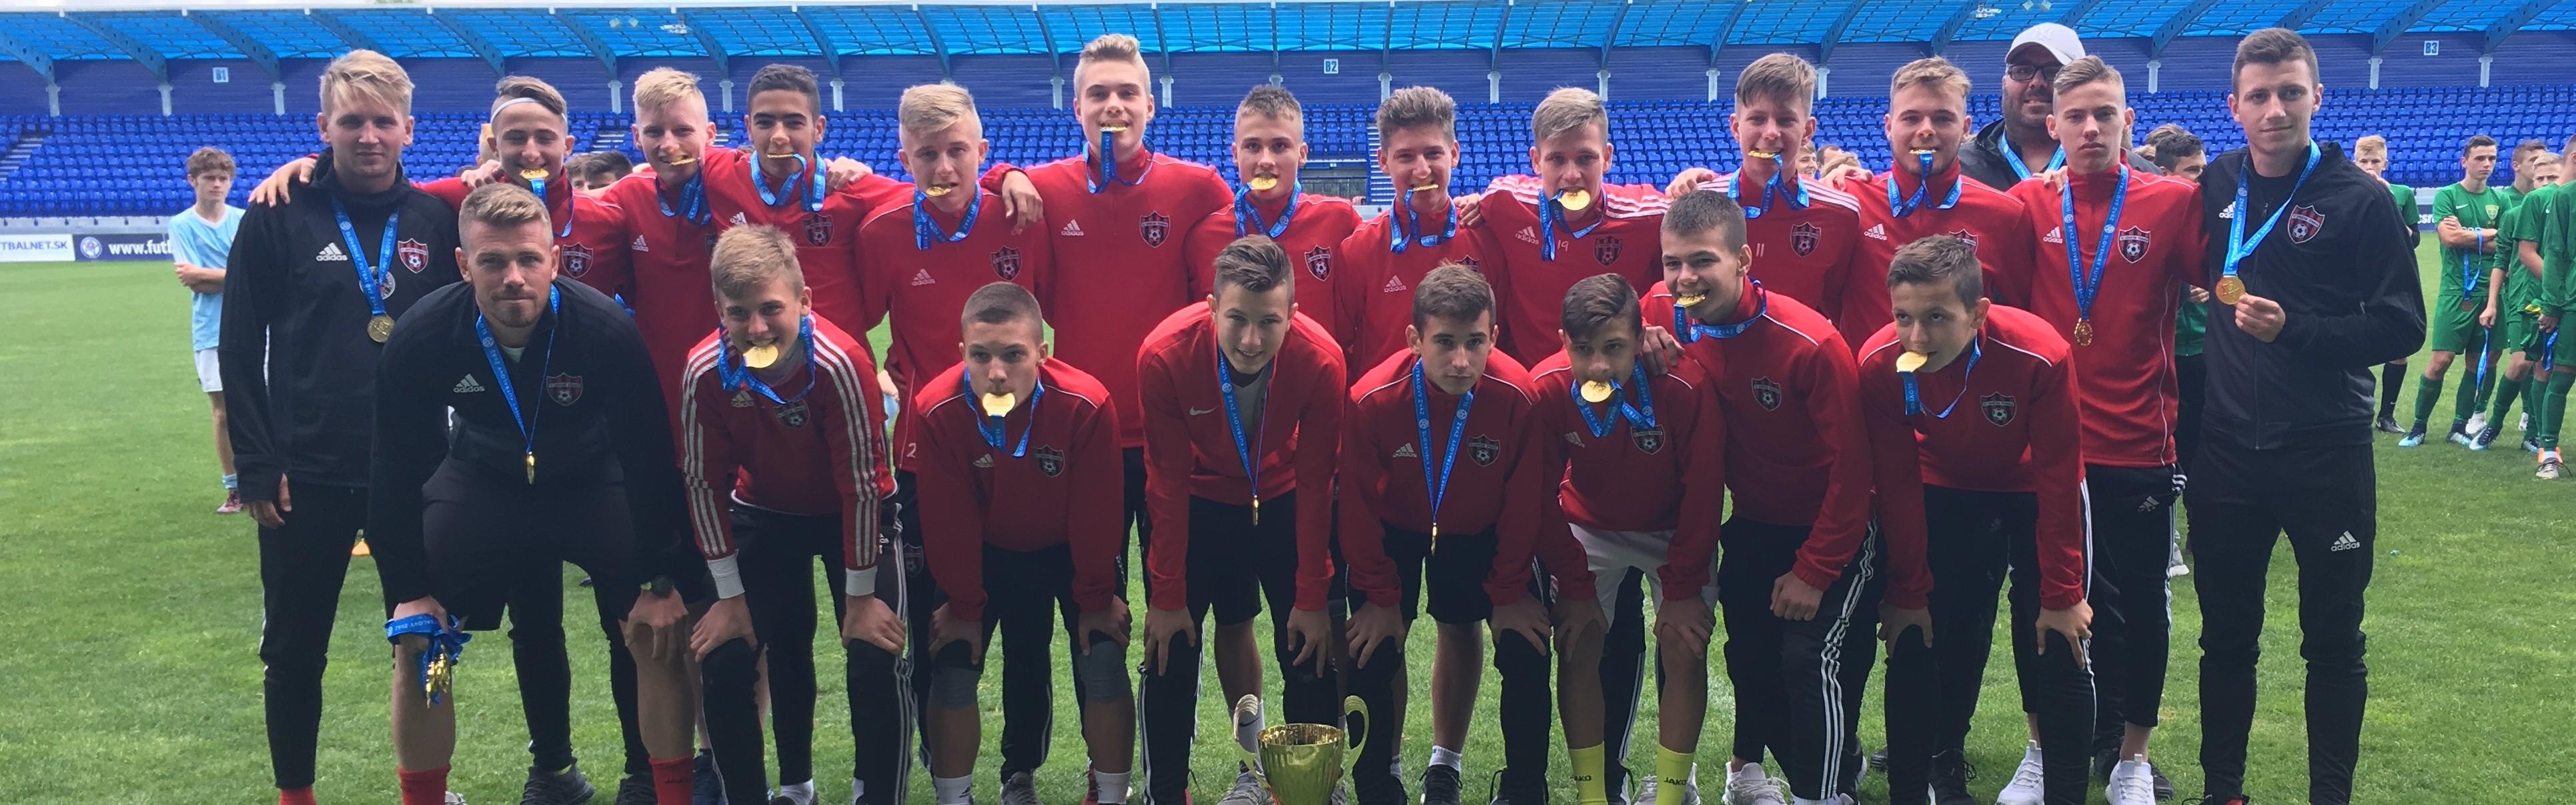 FC SPARTAK TRNAVA MAJSTER SLOVENSKA U15 2017/2018